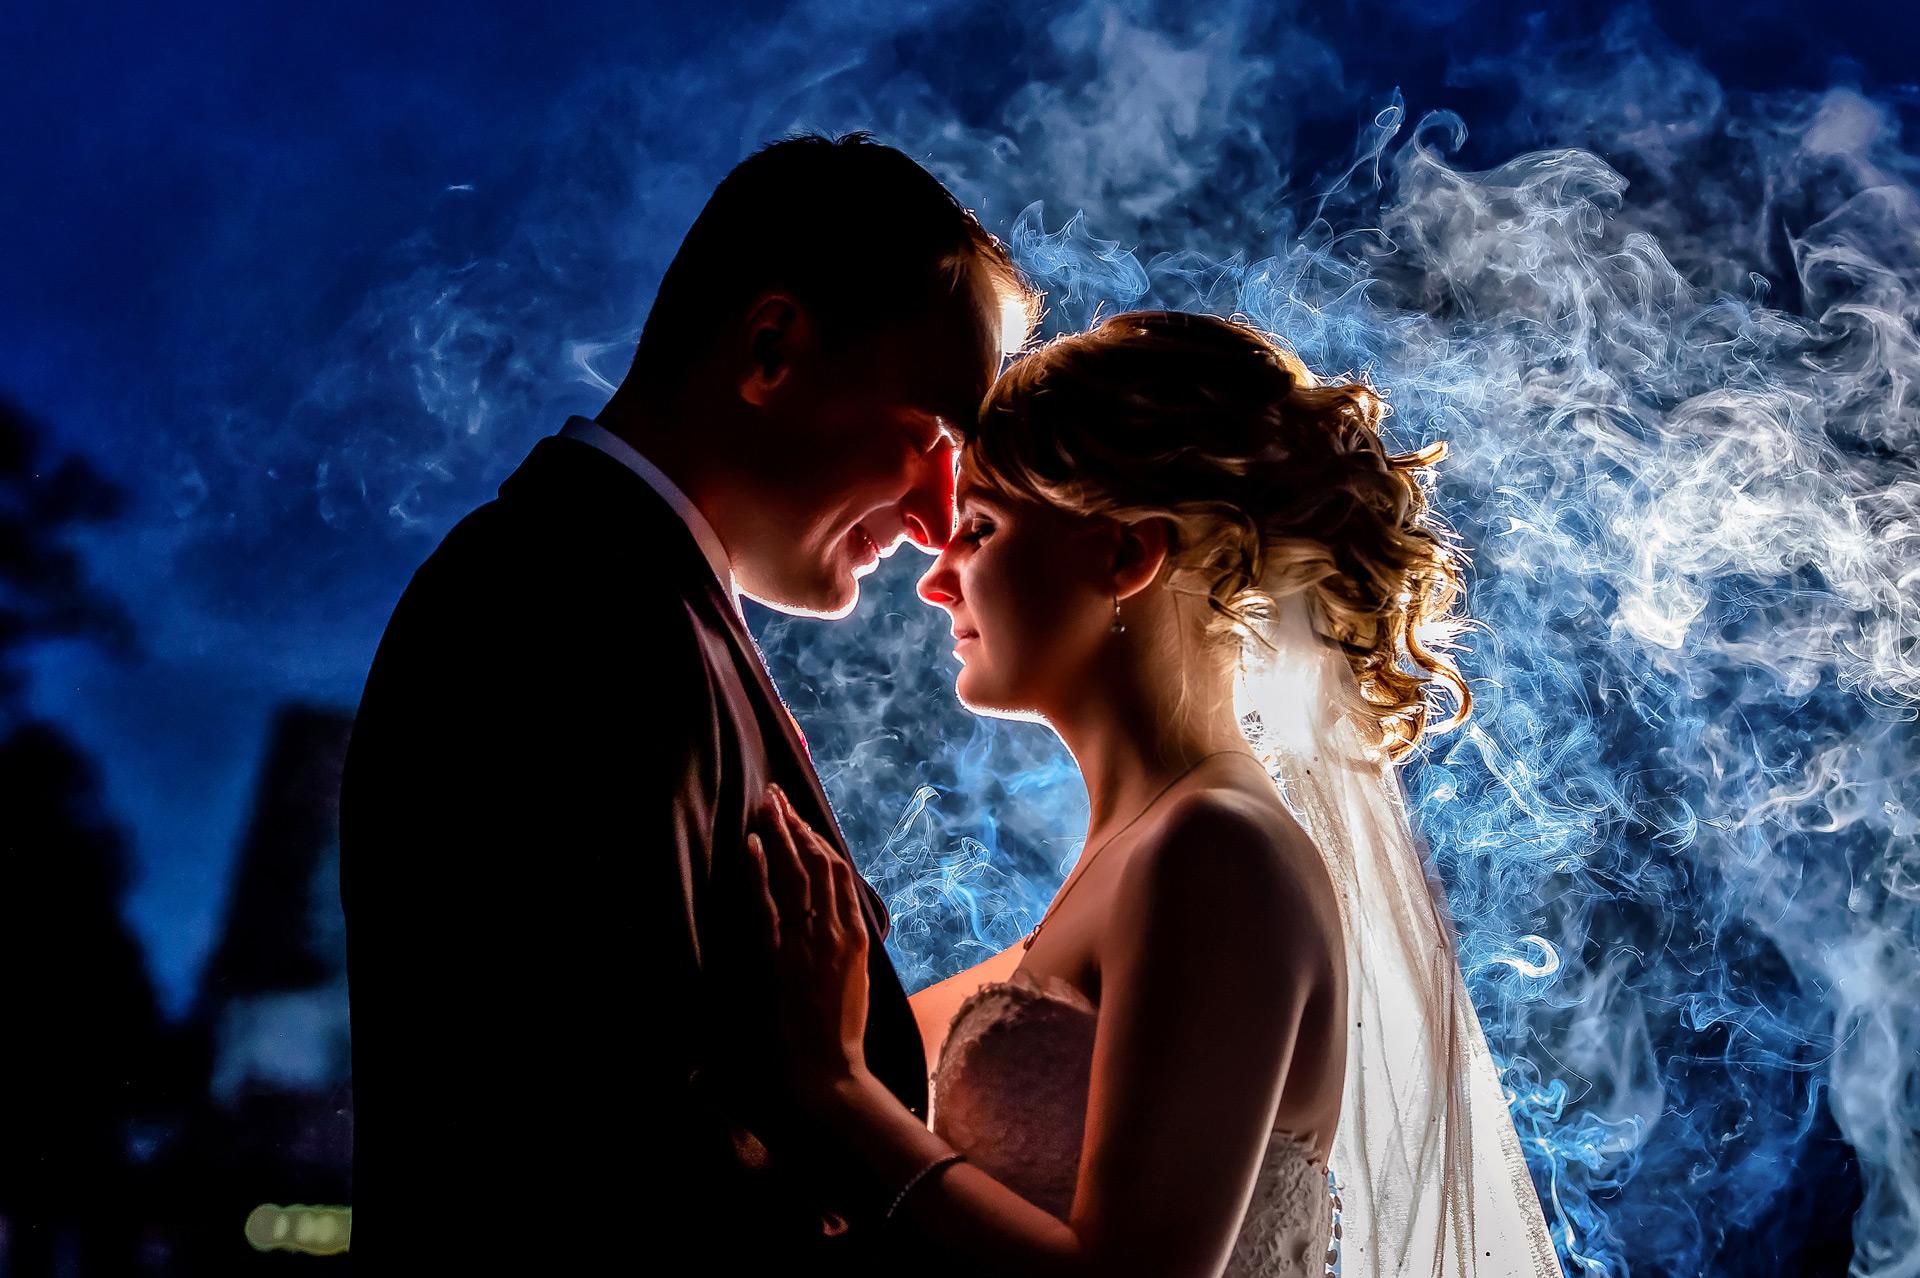 Hochzeitsfotograf Braunschweig, Hochzeitsfotograf Hannover, Hochzeitsfotograf Wernigerode